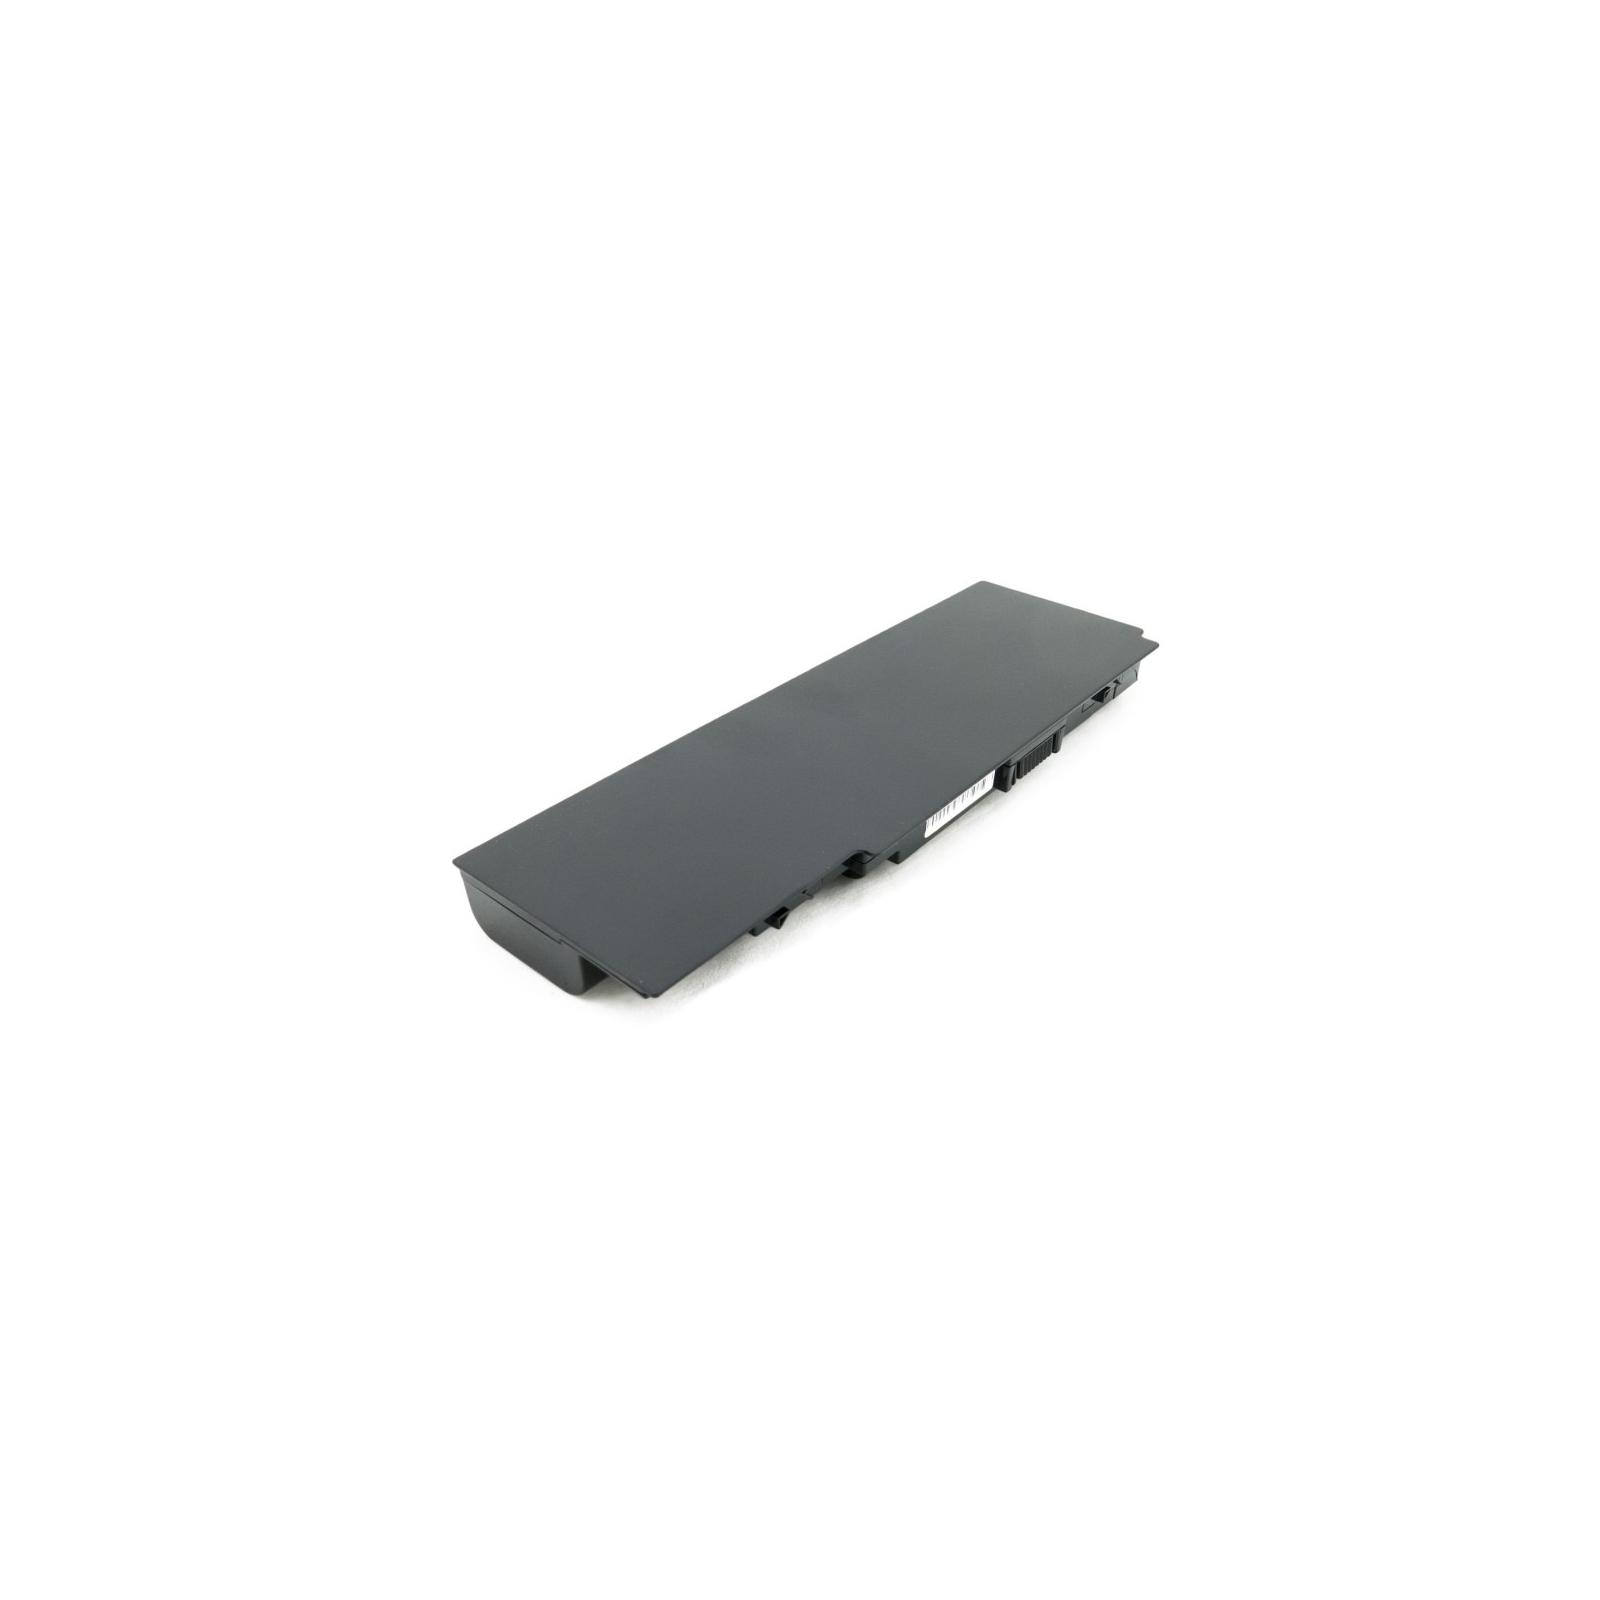 Аккумулятор для ноутбука Acer Aspire 5520 (AS07B32) 5200mAh EXTRADIGITAL (BNA3912) изображение 3